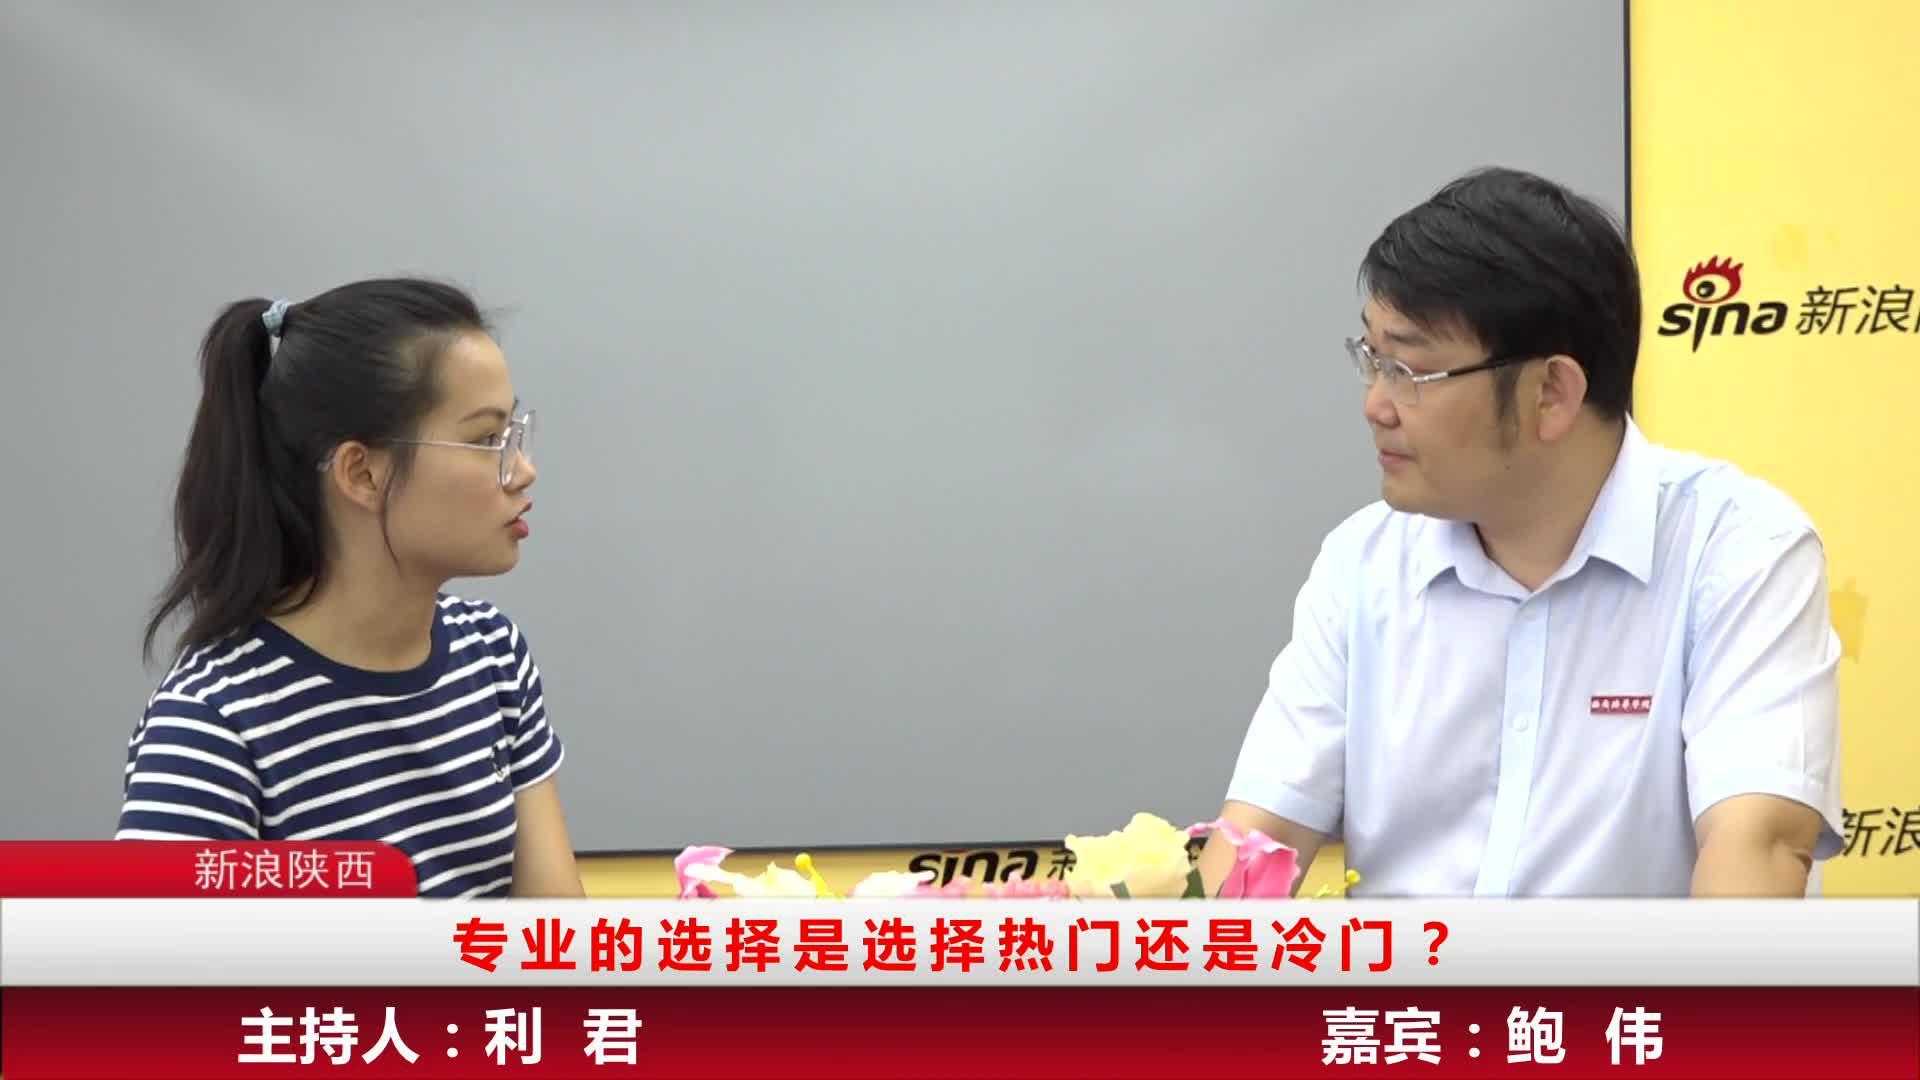 新浪陕西专访西安培华学院招生与就业指导中心主任鲍伟